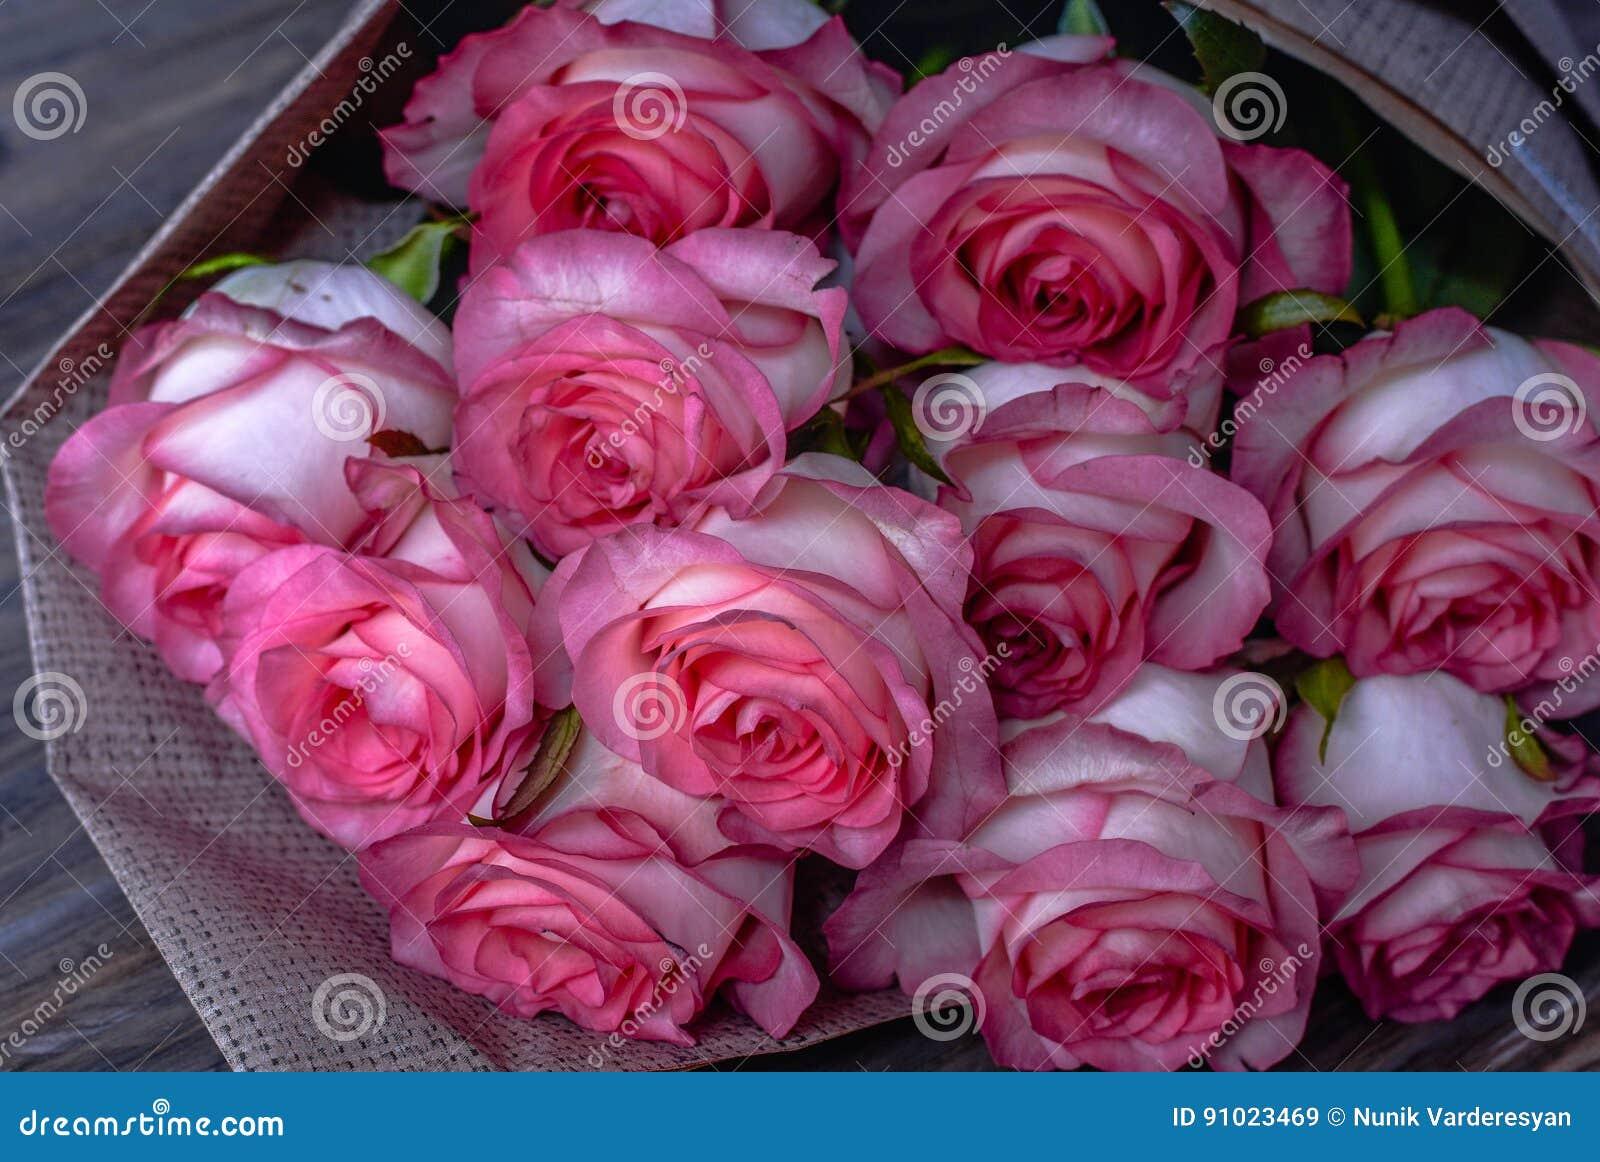 красивые розовые розы картинки